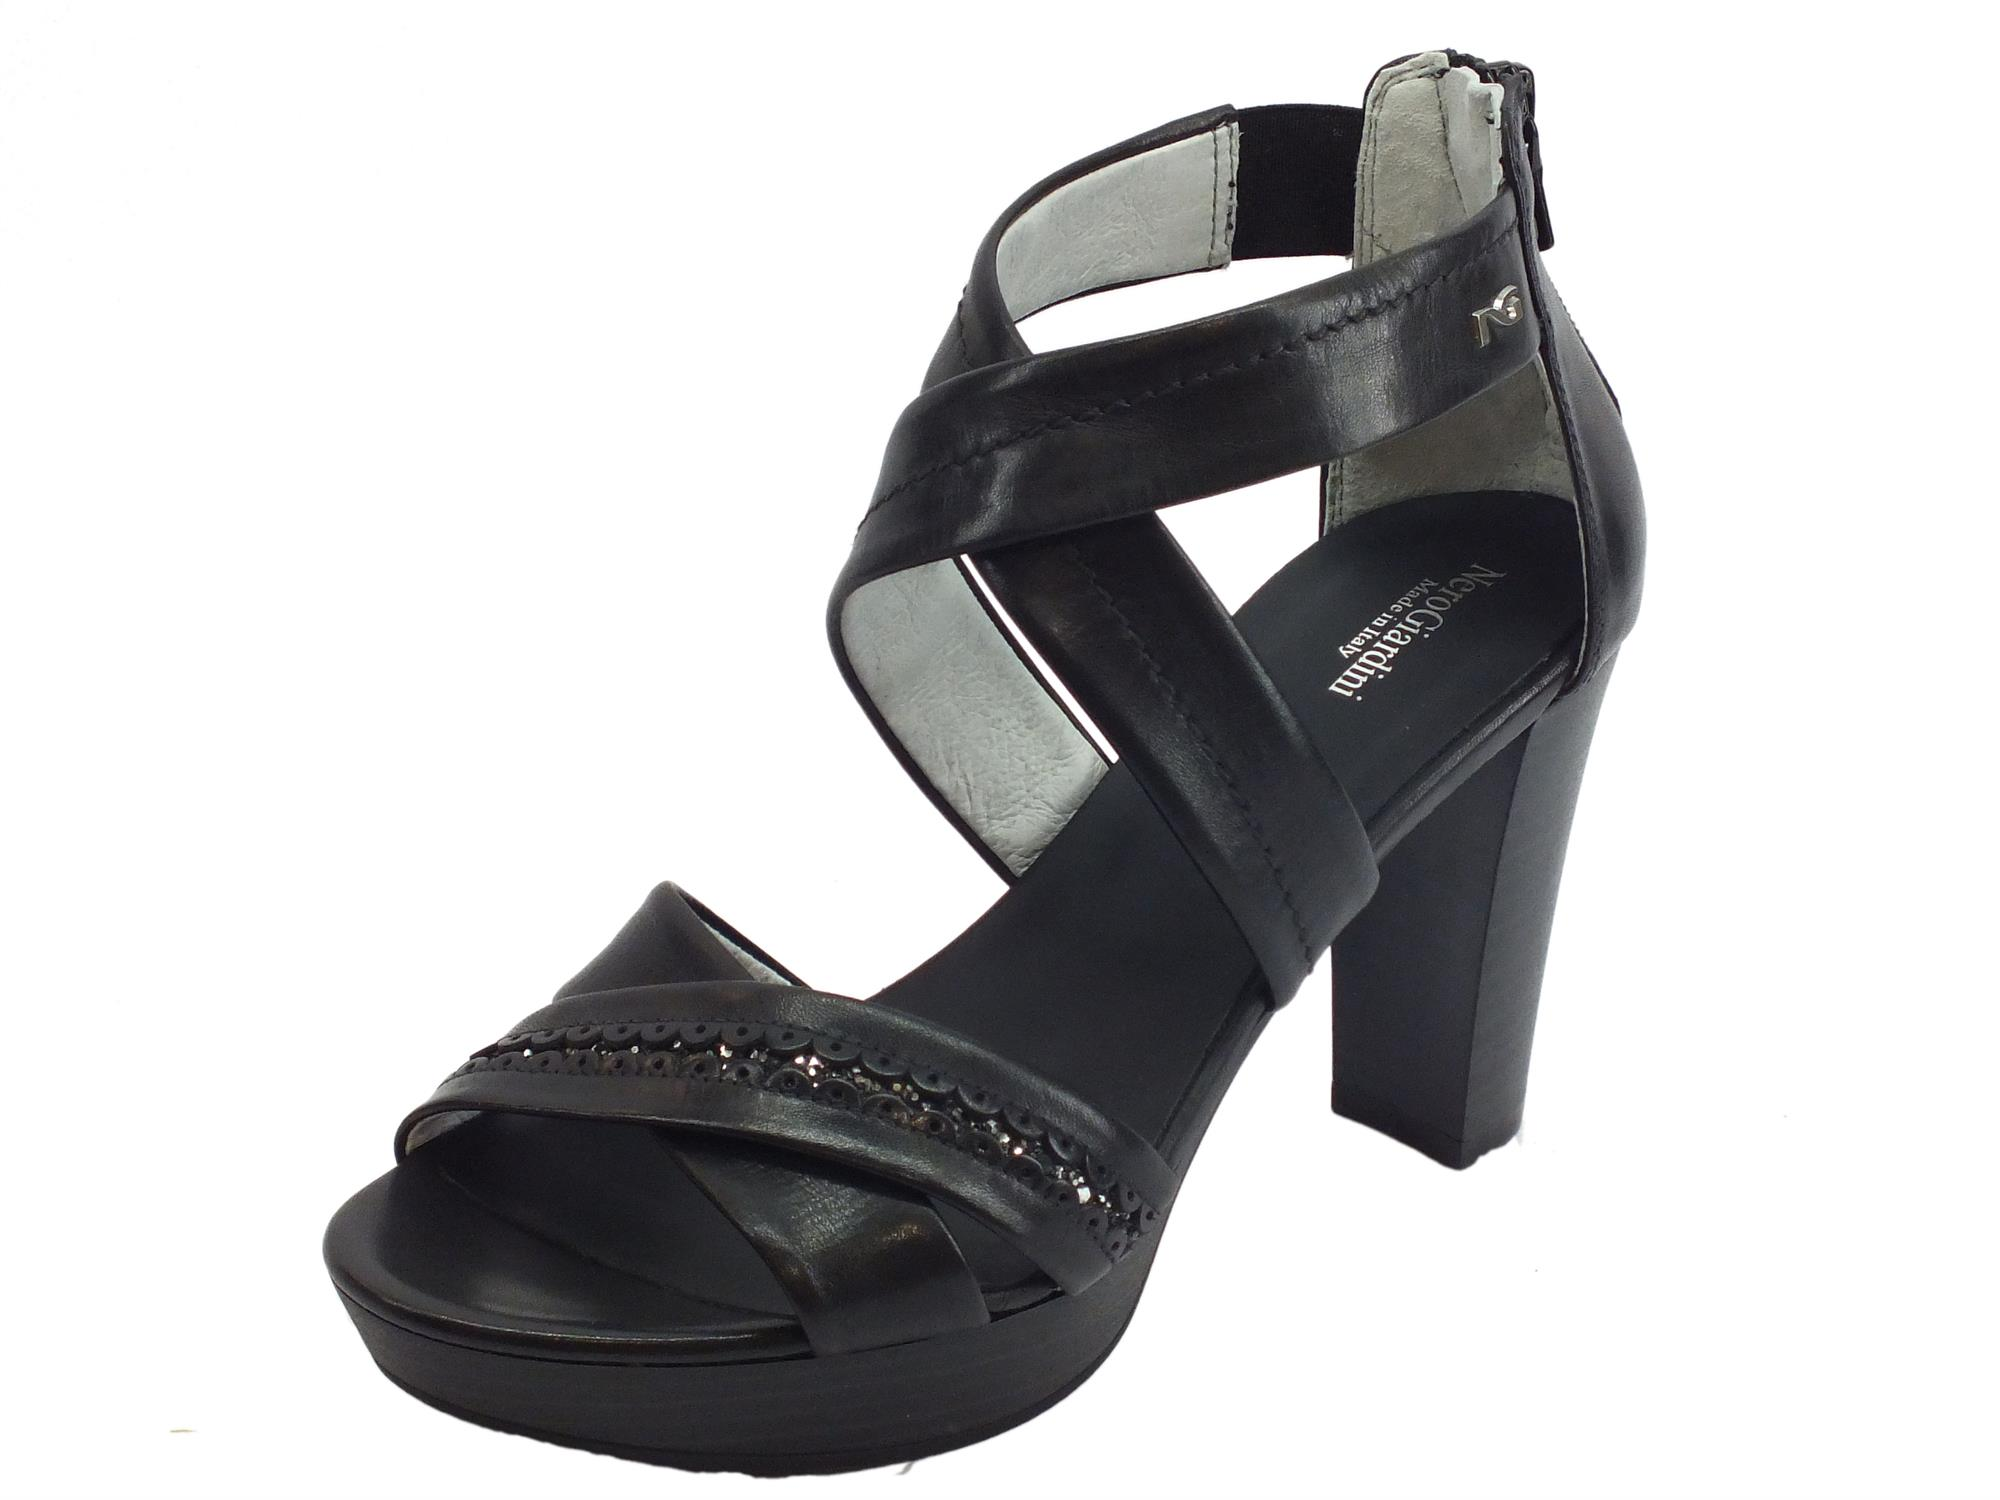 Sandali donna NeroGiardini pelle colore nero lampo - Vitiello Calzature 2391ee75cef